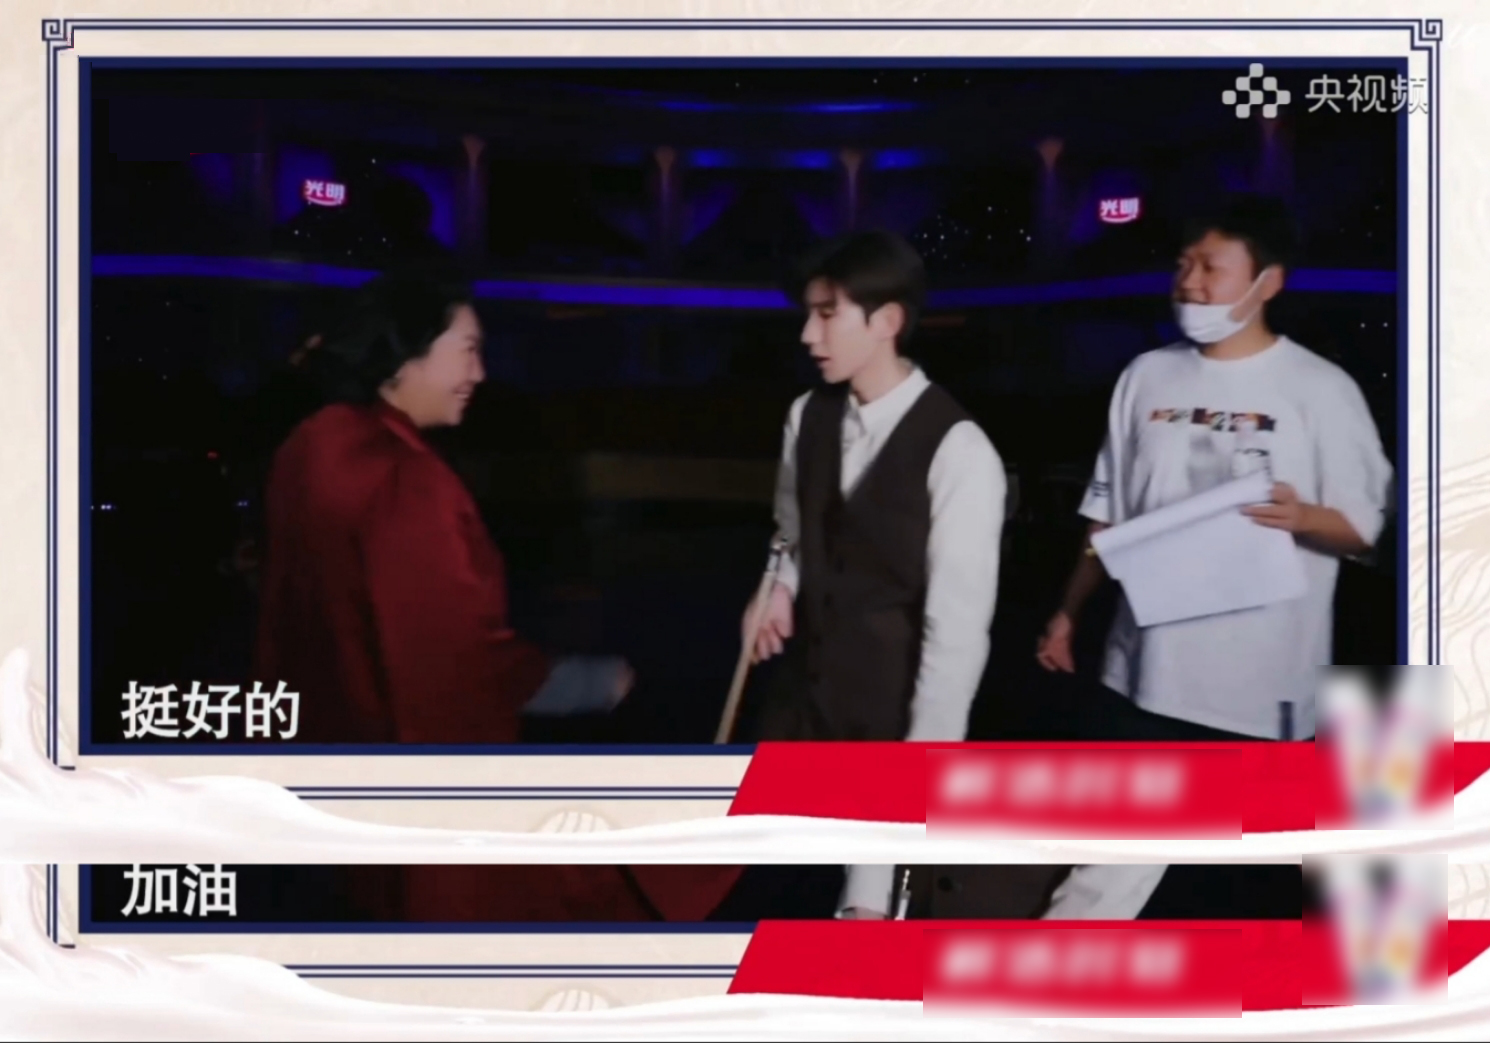 王源首演话剧获好评 除了音乐原来他在这方面的天赋也很棒